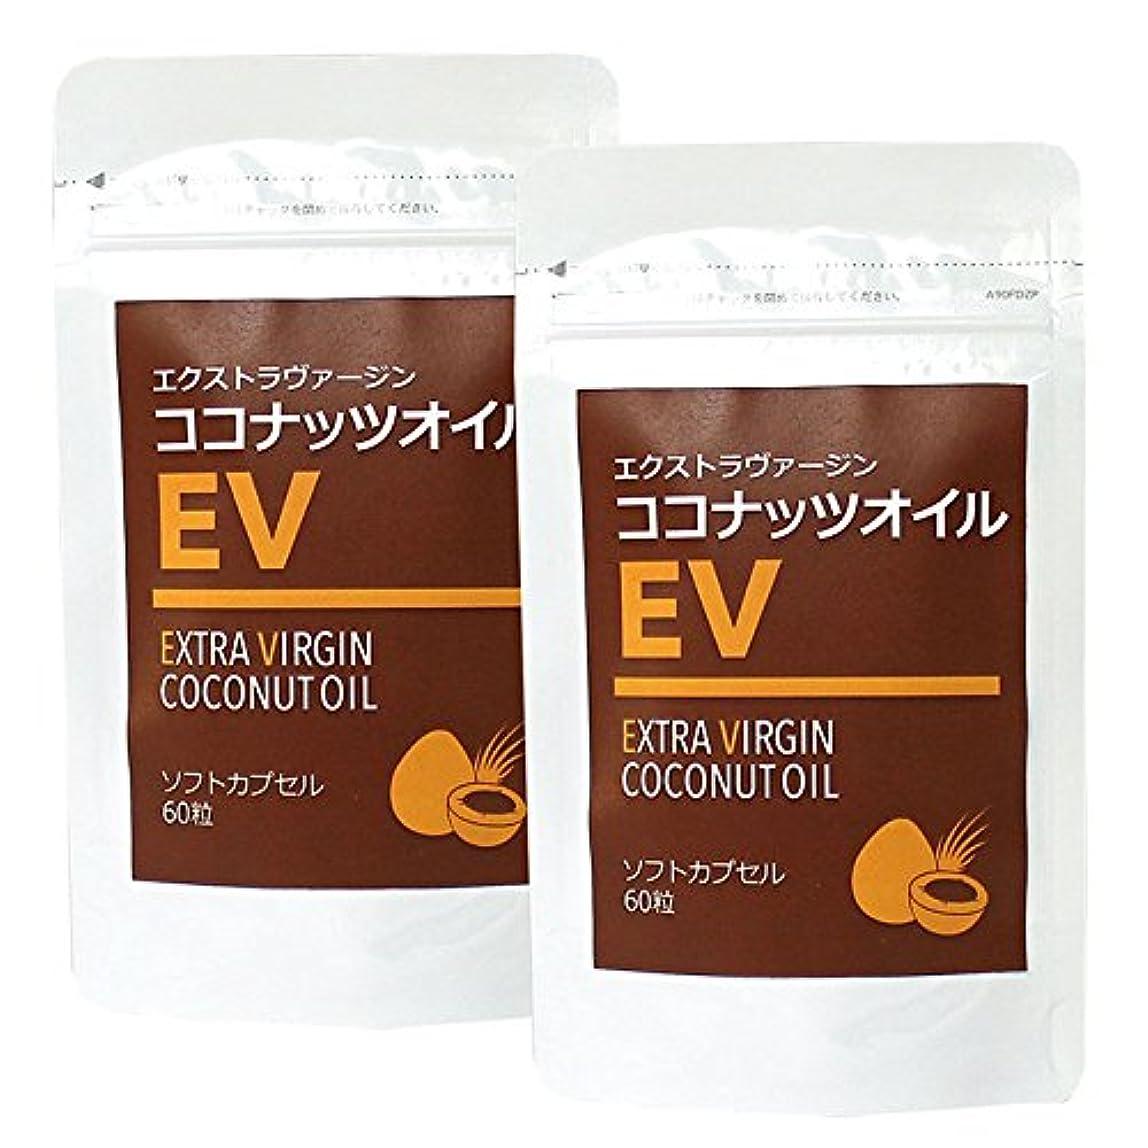 思春期のどこか命題ココナッツオイルEV 2袋セット